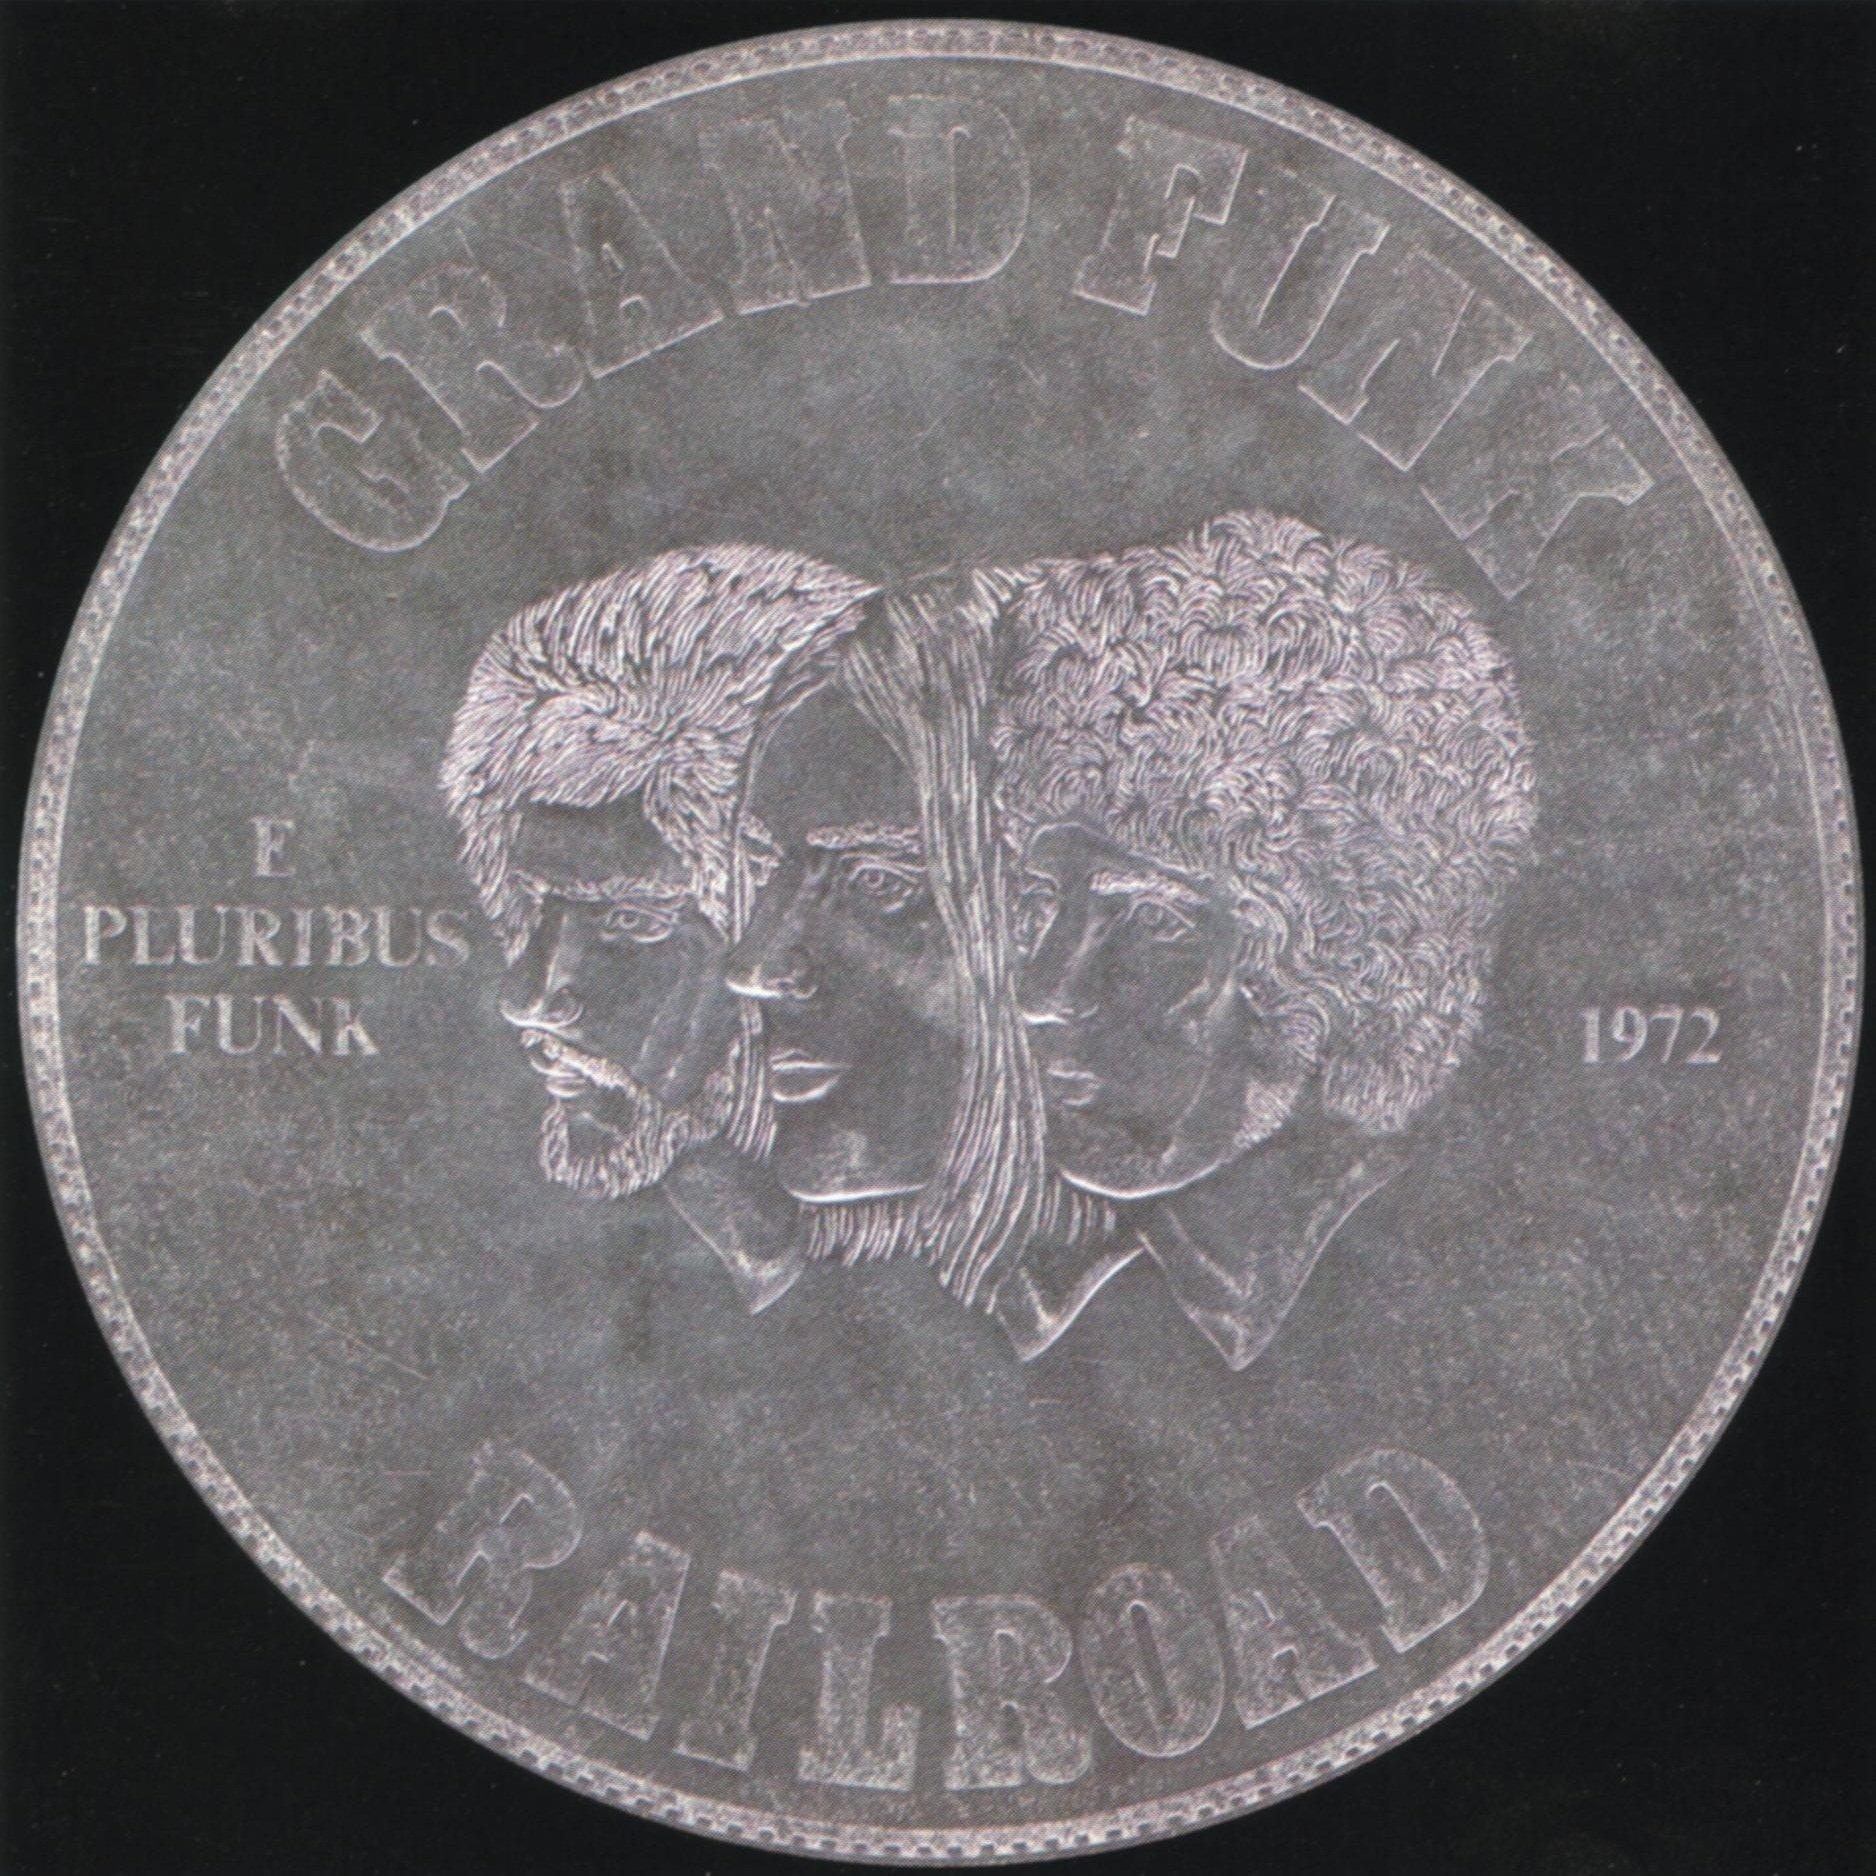 Grand Funk Railroad E Pluribus Funk